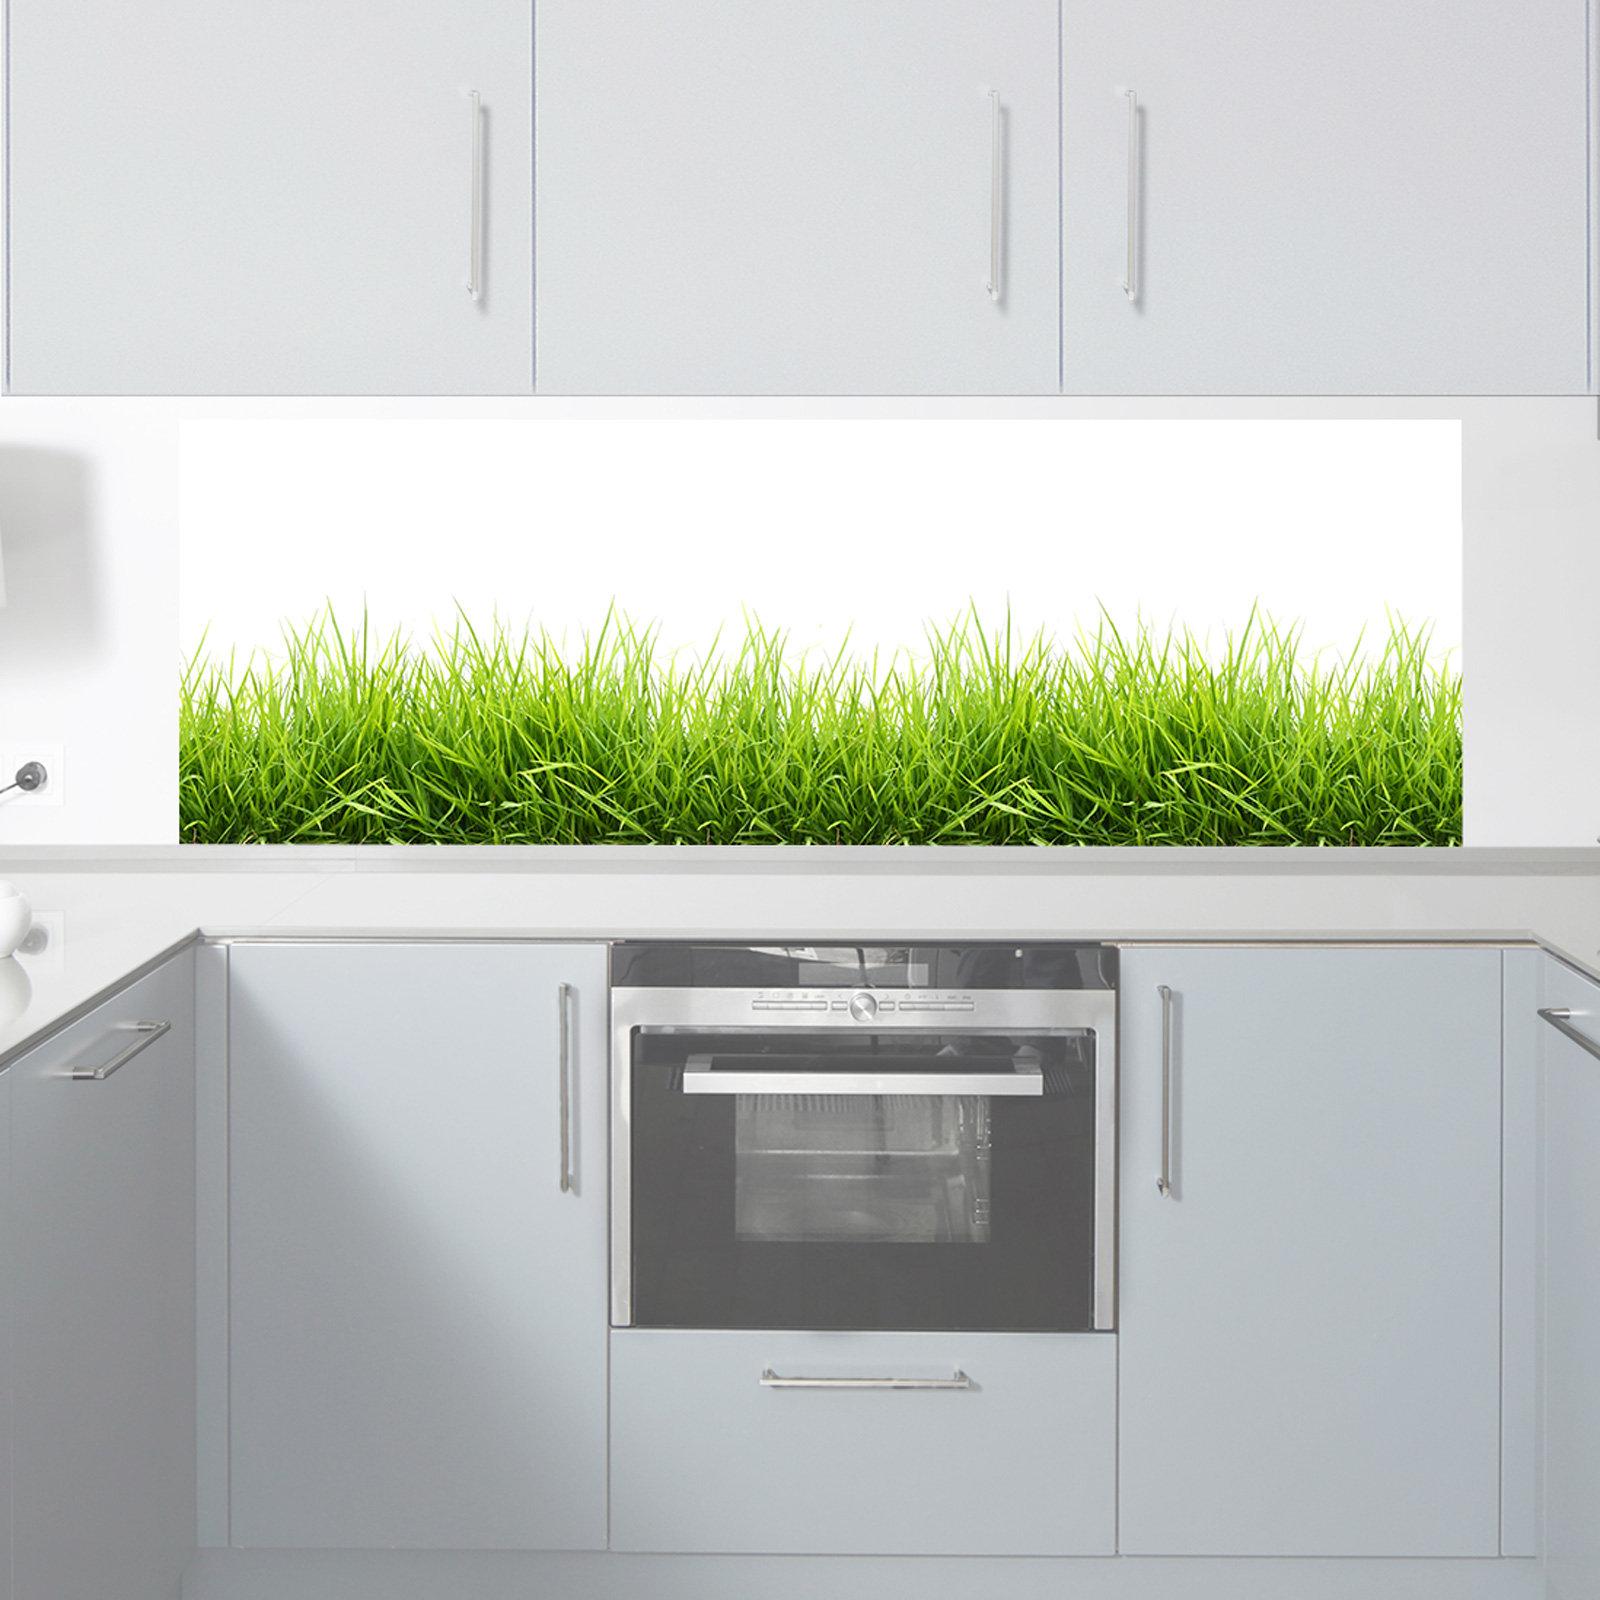 küchenrückwand digitaldruck auf premium pvc folie 1011-1 motiv 'gras